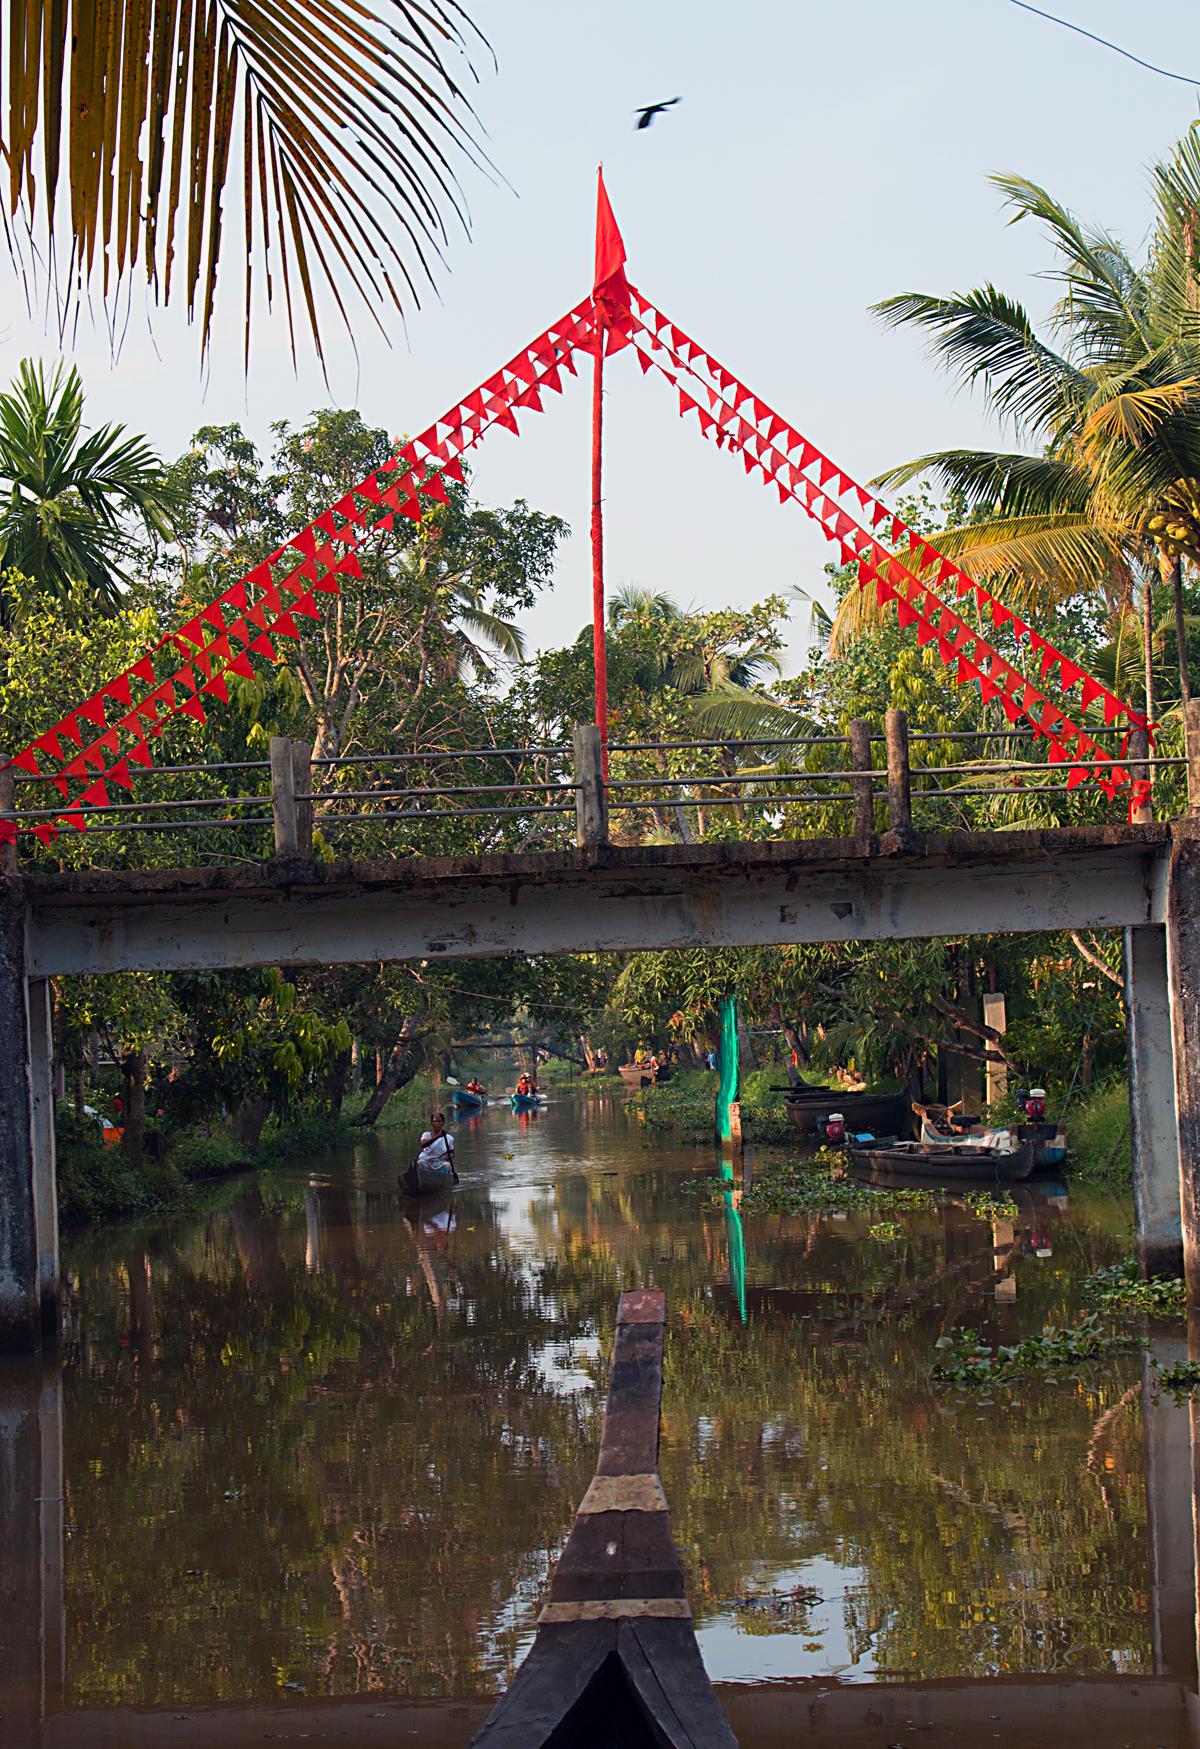 INDIEN Menschen Leben am Fluss FINEST-onTour 8529.jpg